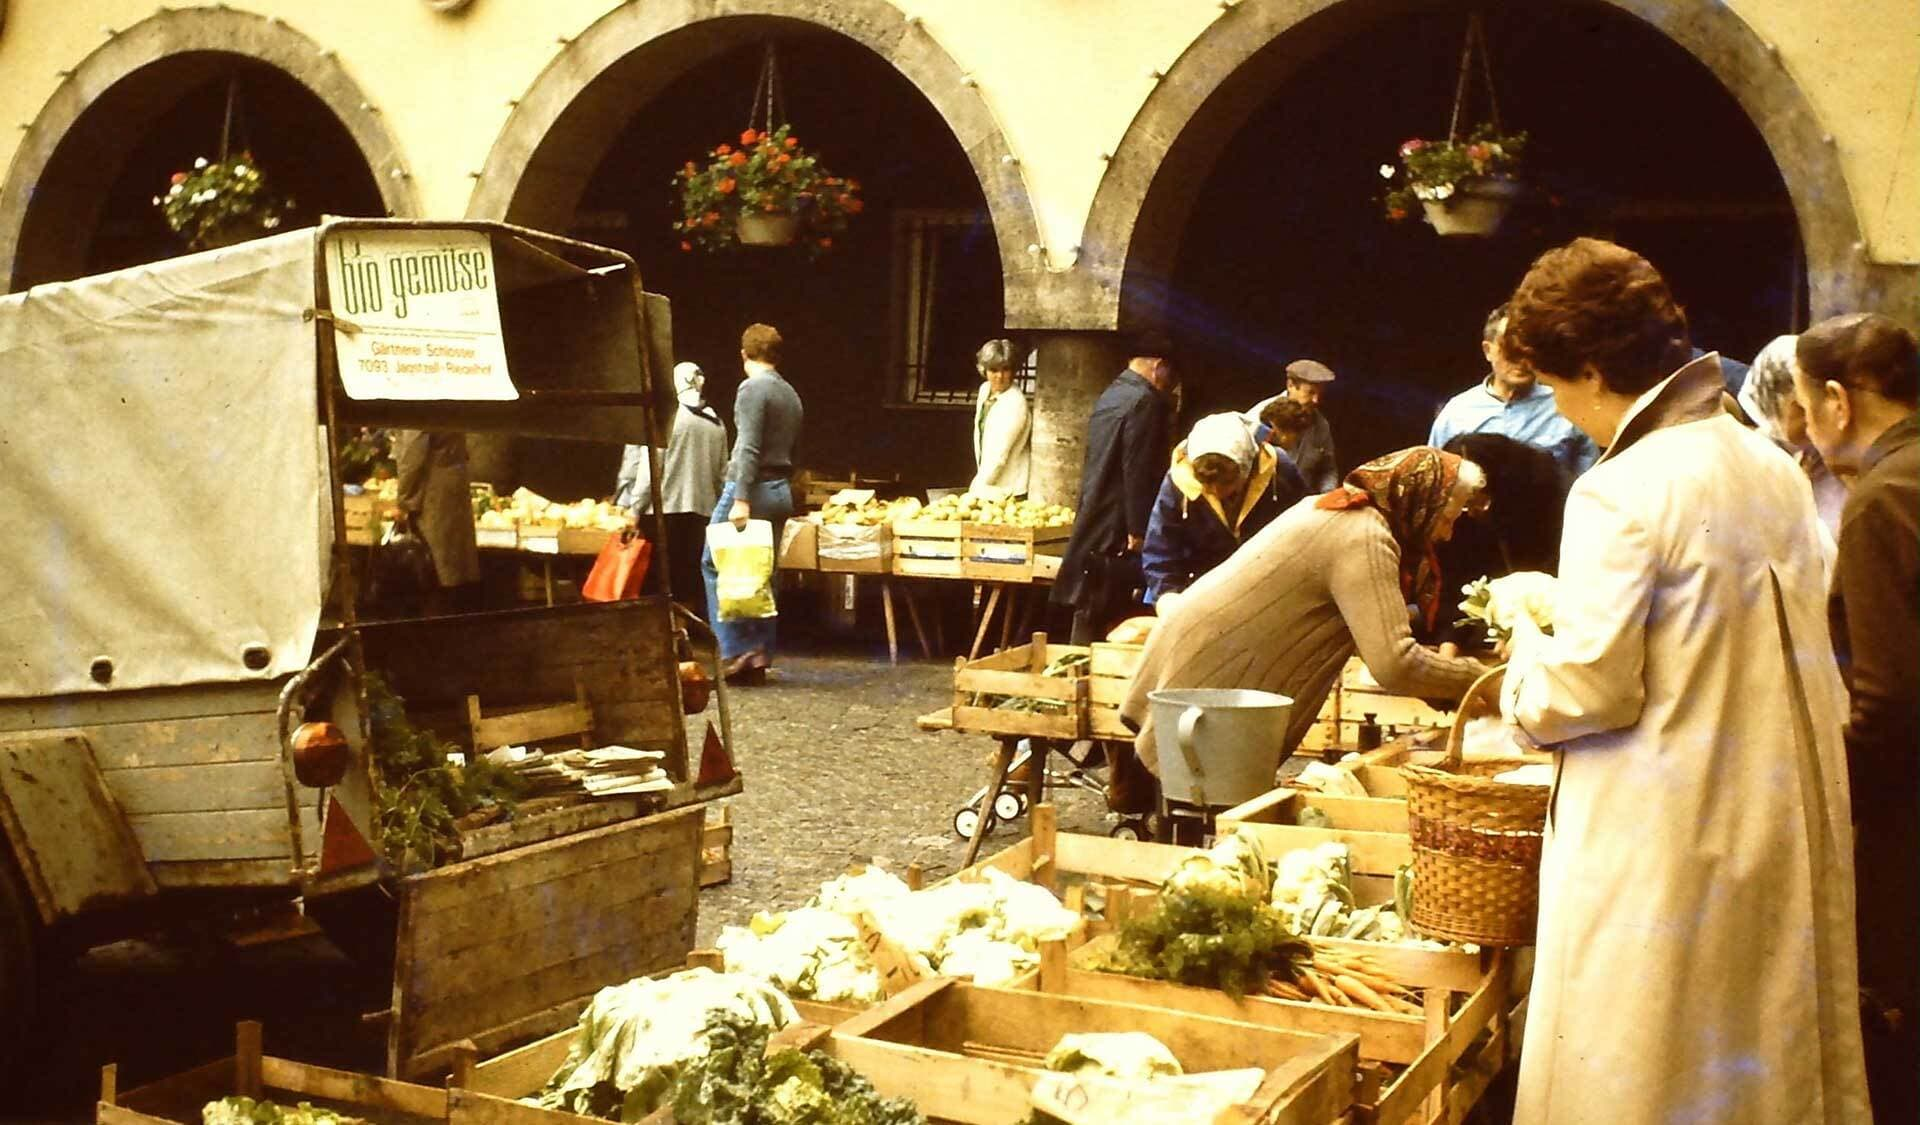 Markt mit Produkten des Bio Gemuese e V 1970er Jahre